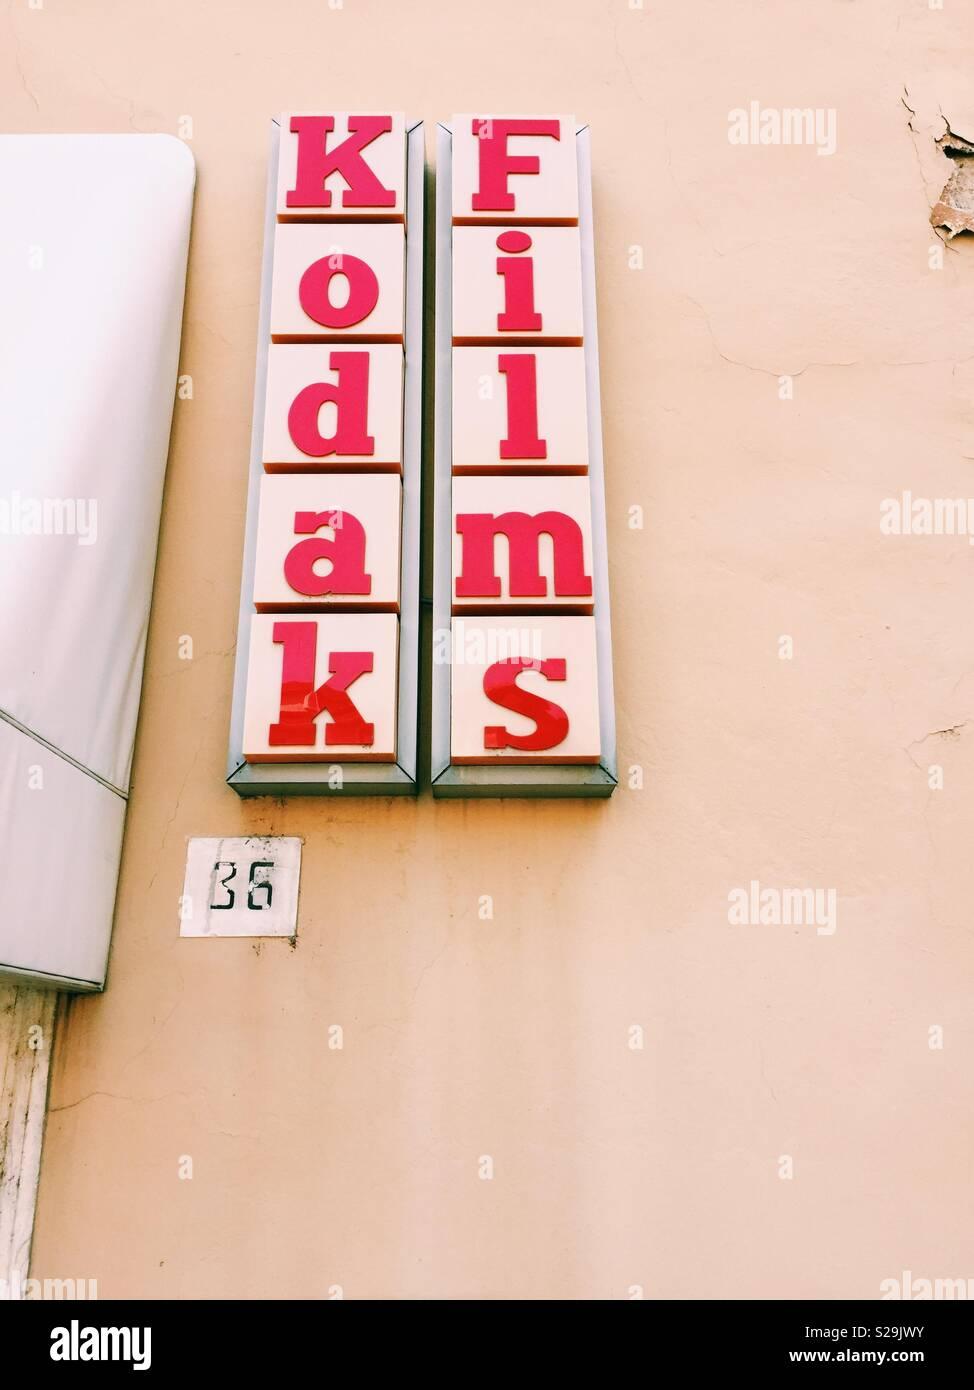 Segno di Kodak al di fuori del negozio di fotografia a Salo, Lago di Garda Immagini Stock